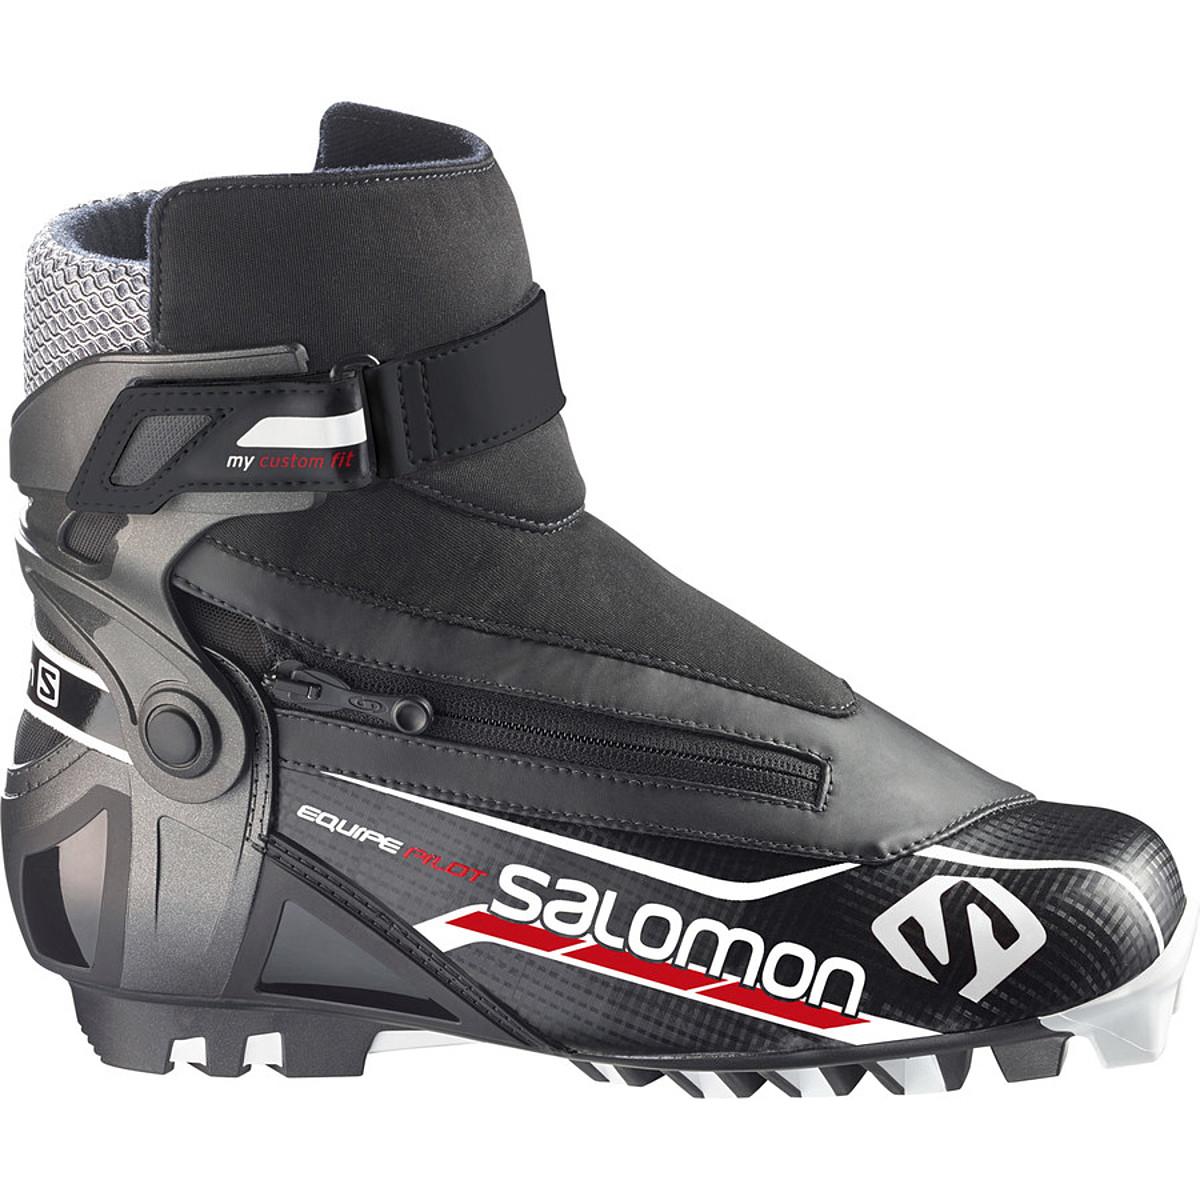 Salomon Equipe Pilot Classic/Combi Boot